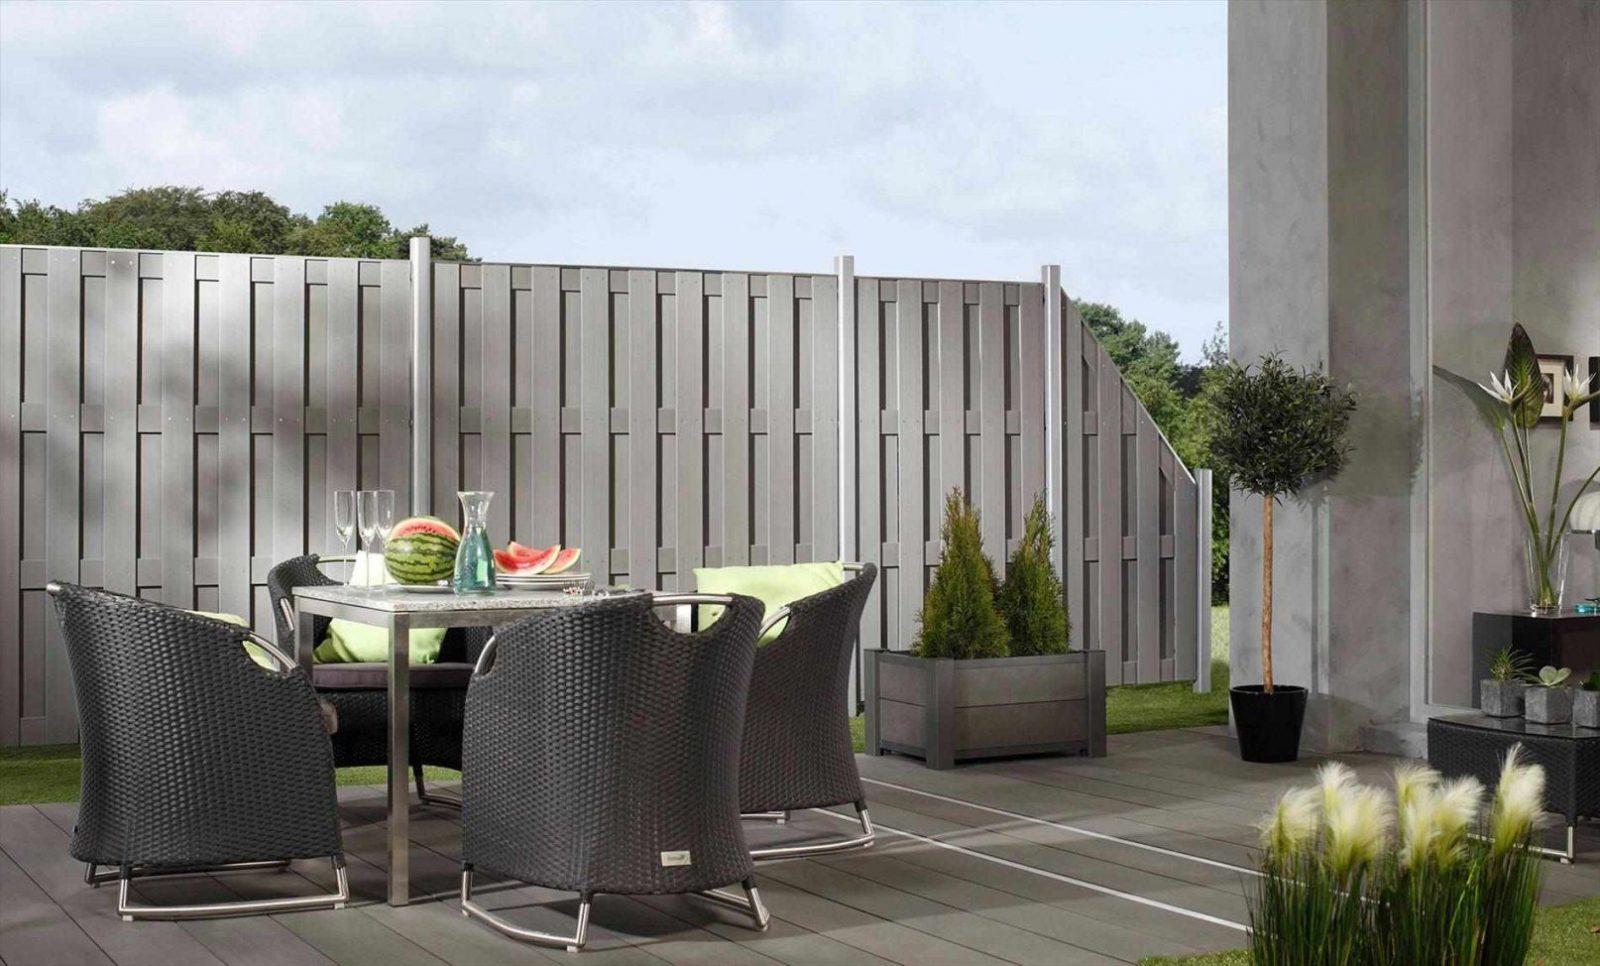 Sichtschutz Garten Kunststoff Grau Cx02 – Hitoiro von Sichtschutz Garten Kunststoff Grau Bild